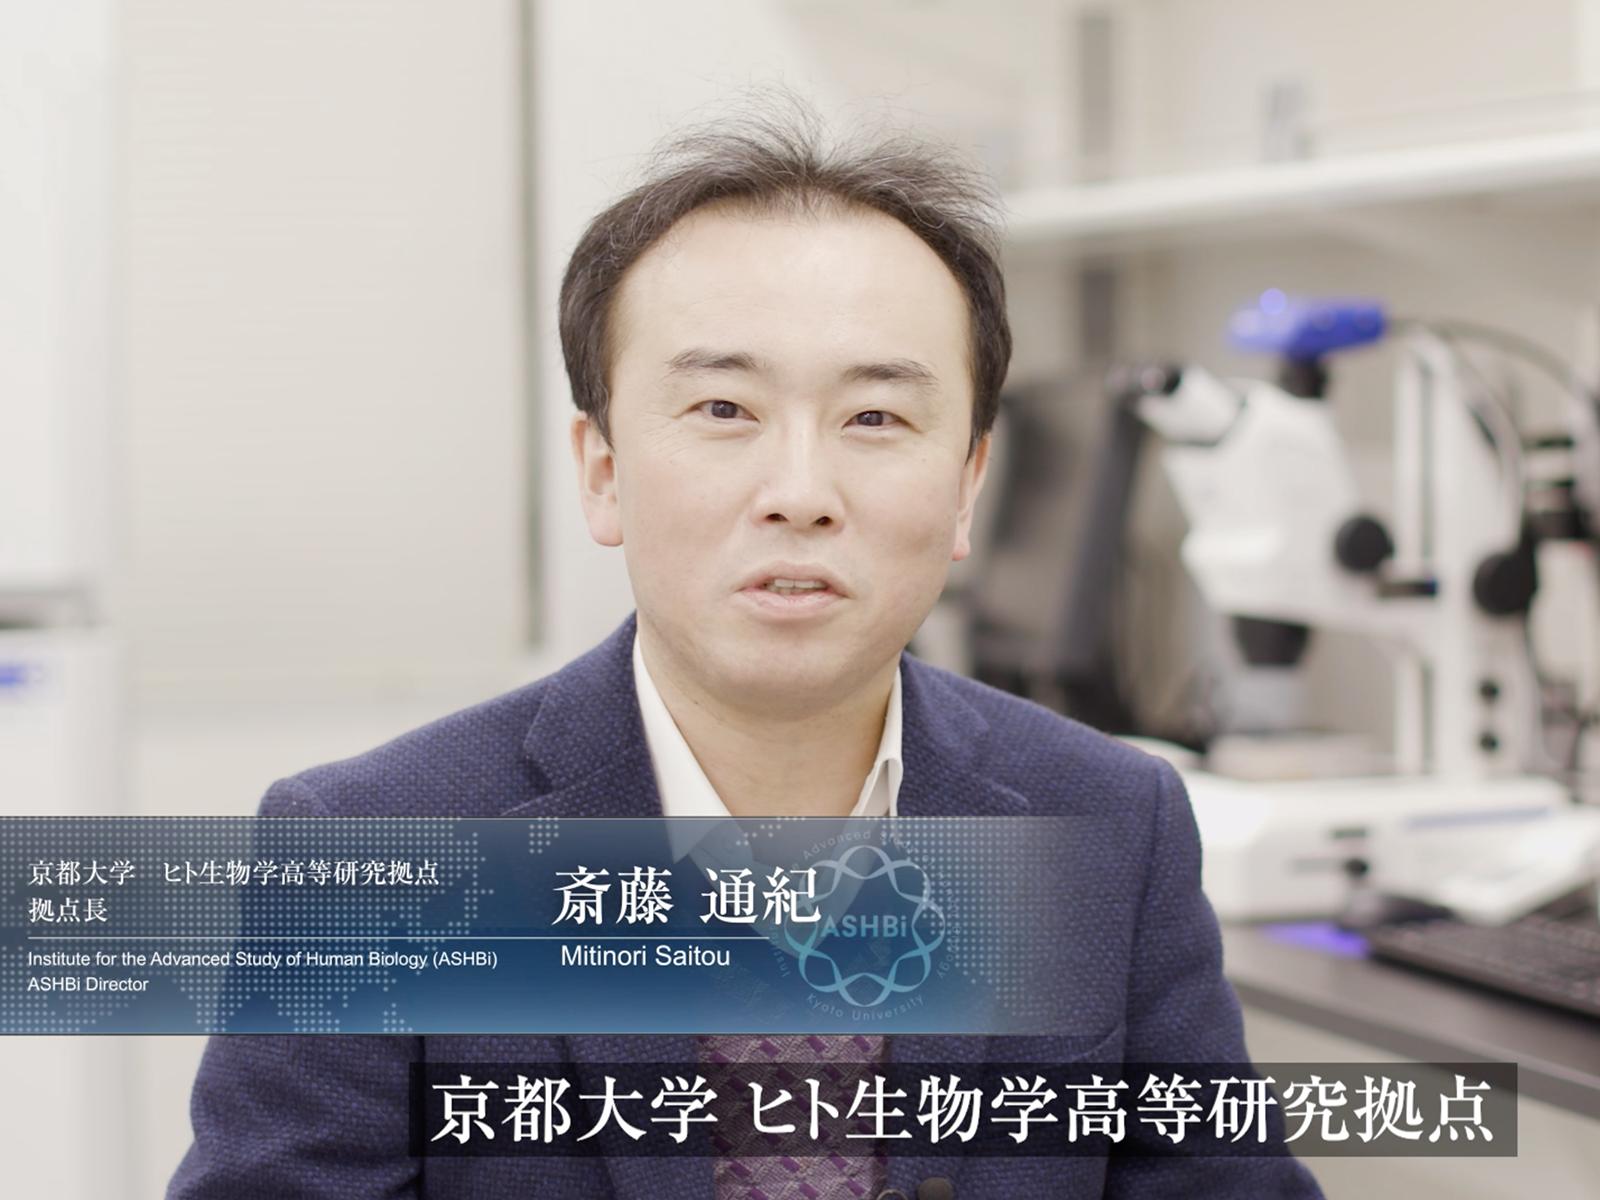 斎藤通紀 拠点長のインタビュー動画が公開